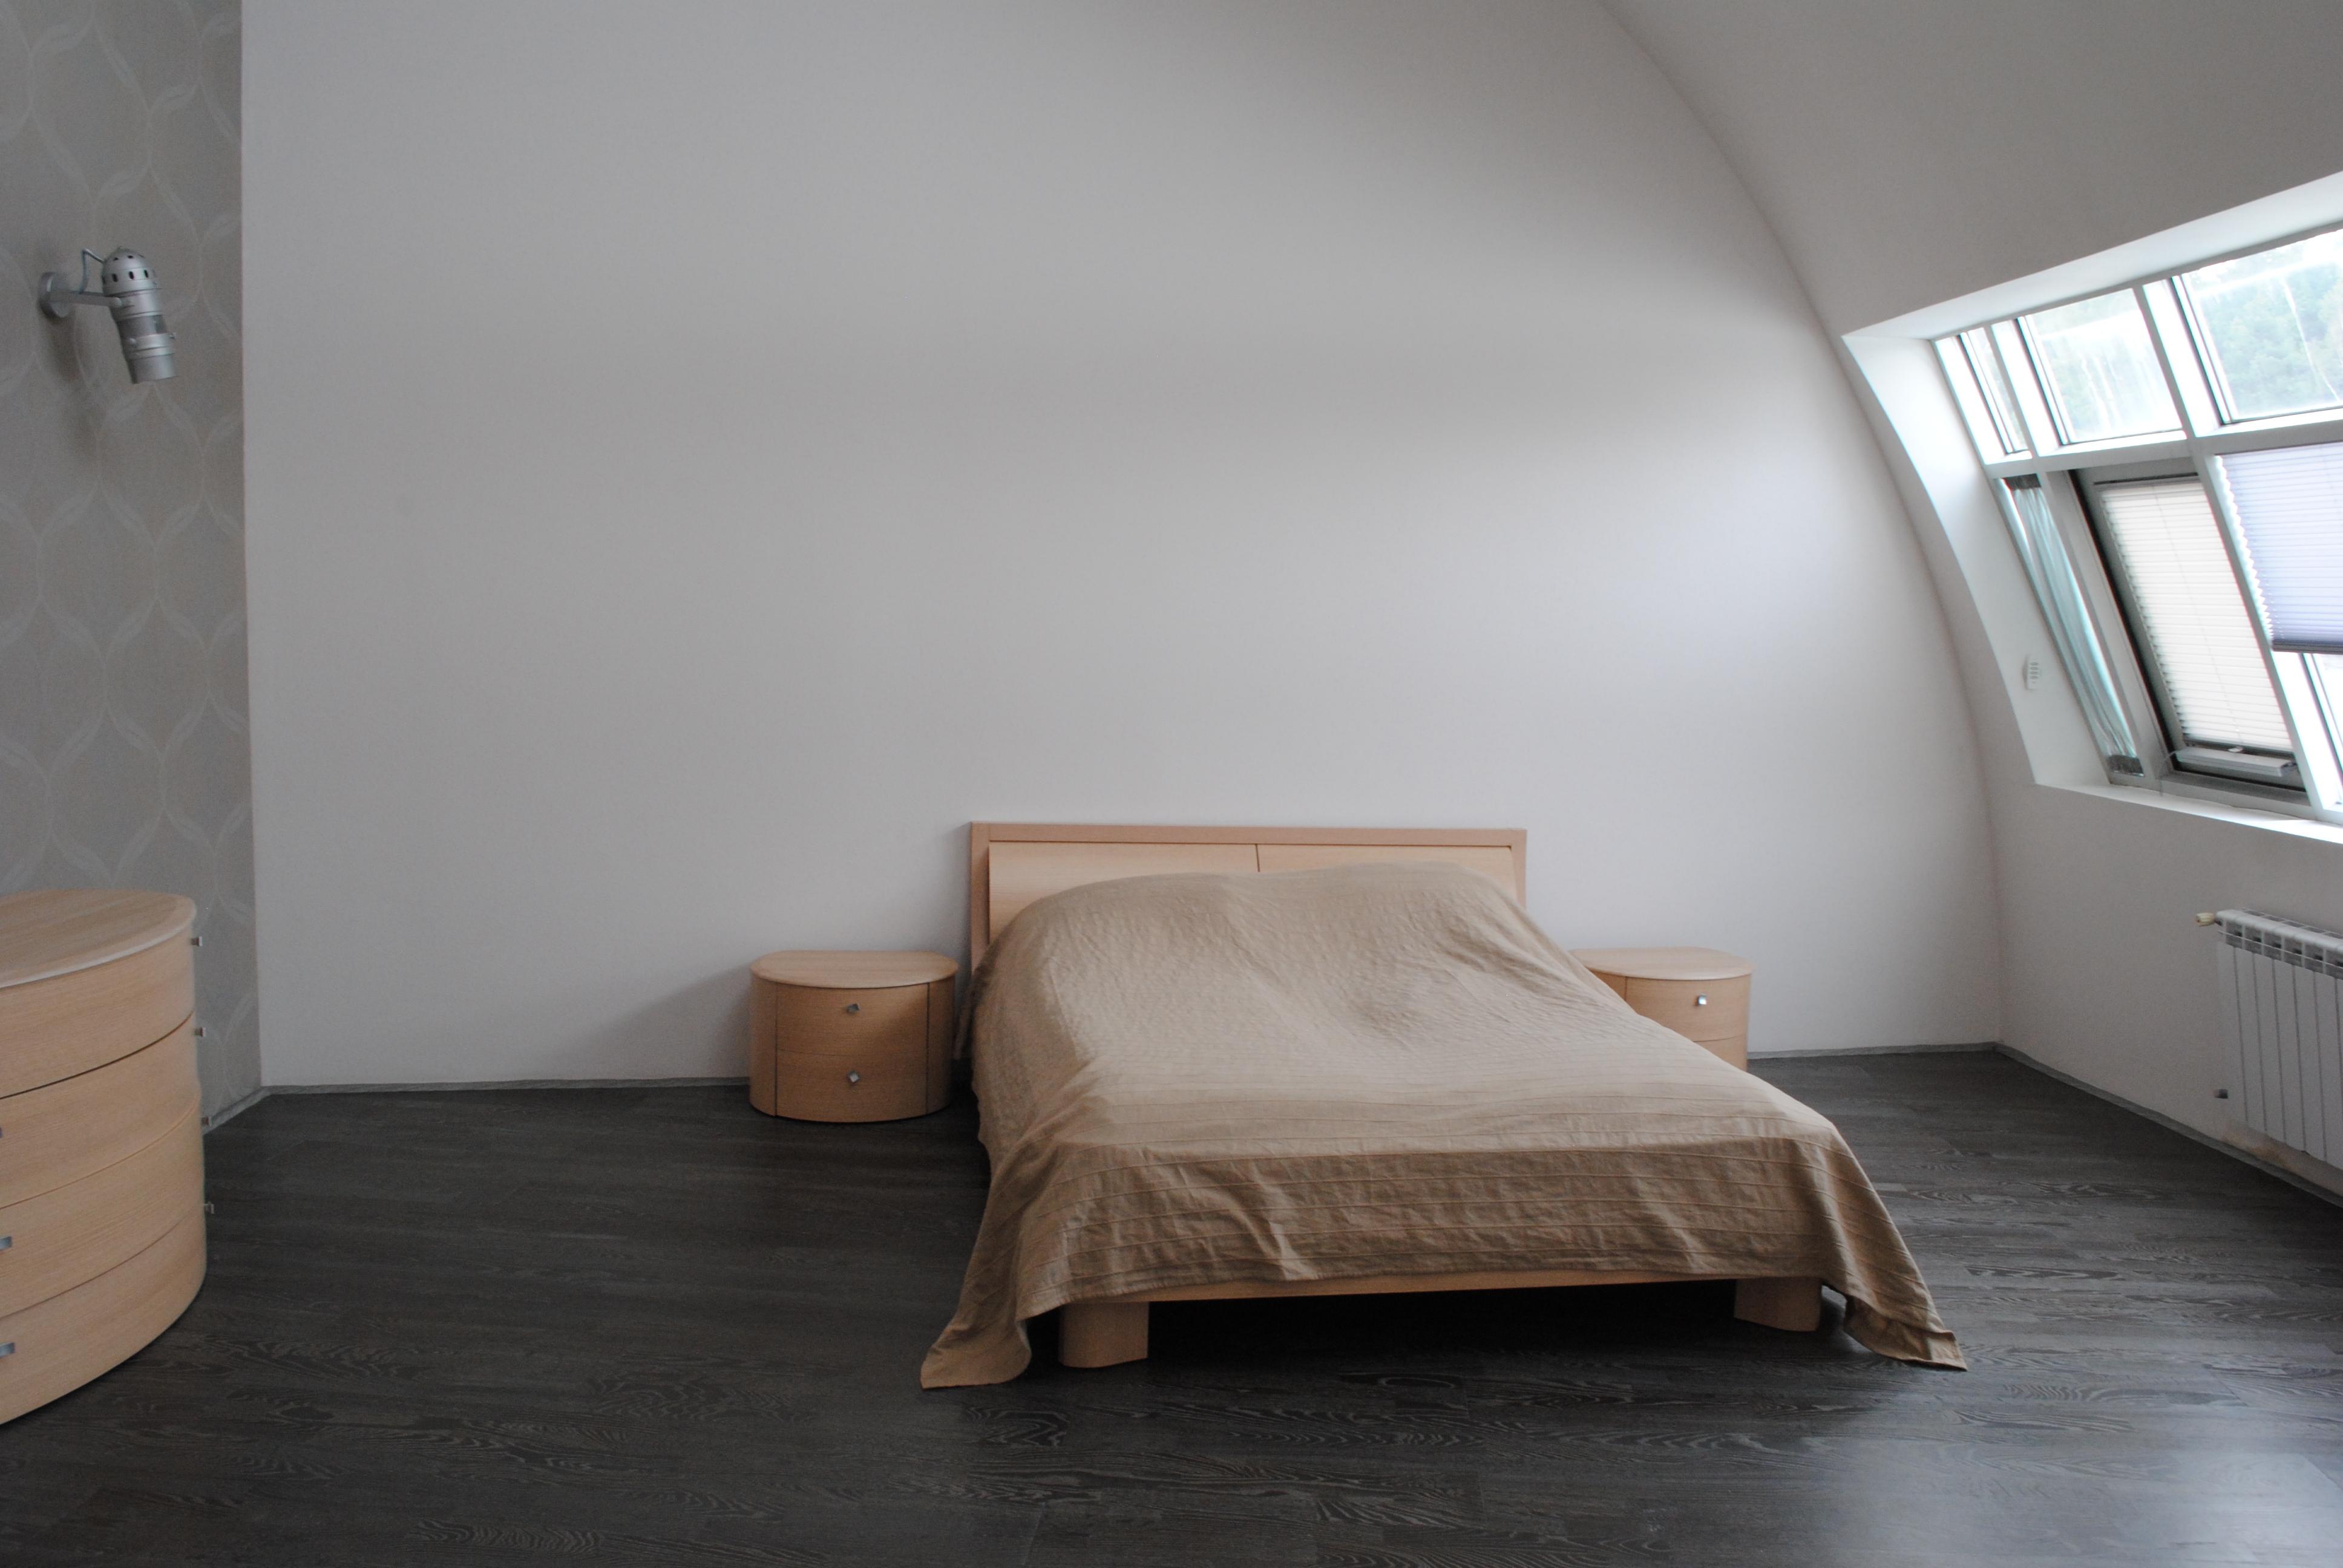 Апартамент №2 (2эт.) спальня большая